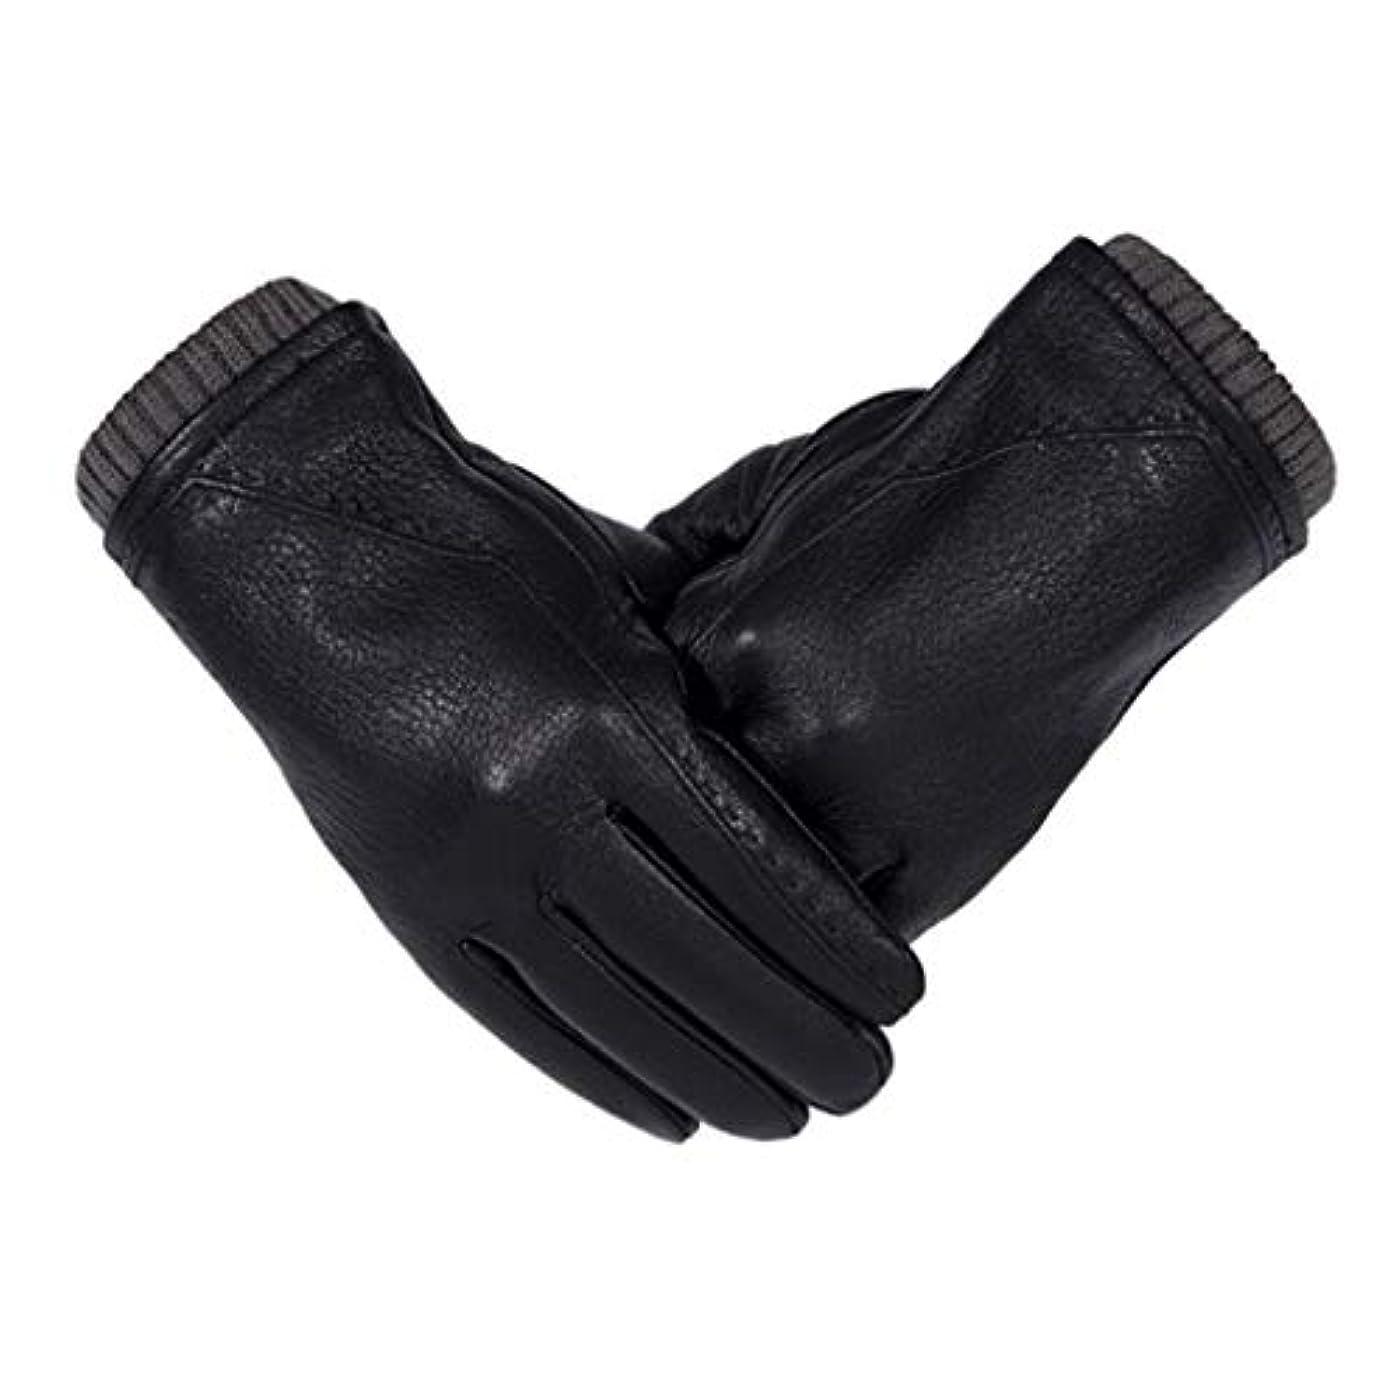 ミルテーブルを設定する疑わしい革の手袋男性の冬の厚いタッチタッチスクリーン駆動サイクリング男性の暖かい手袋